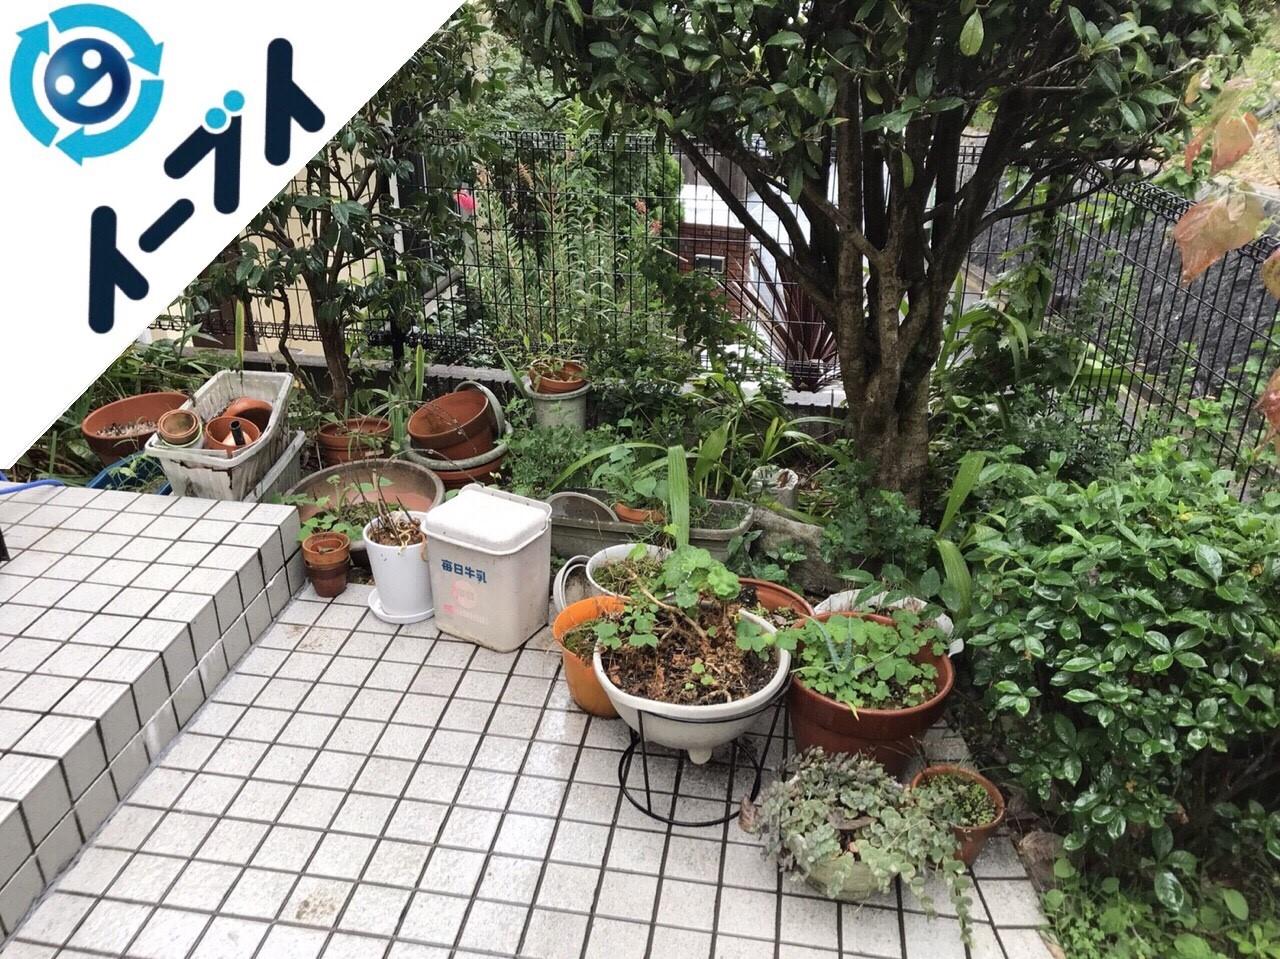 2018年2月4日大阪府茨木市で玄関の植木鉢や廃品の不用品回収をしました。写真1